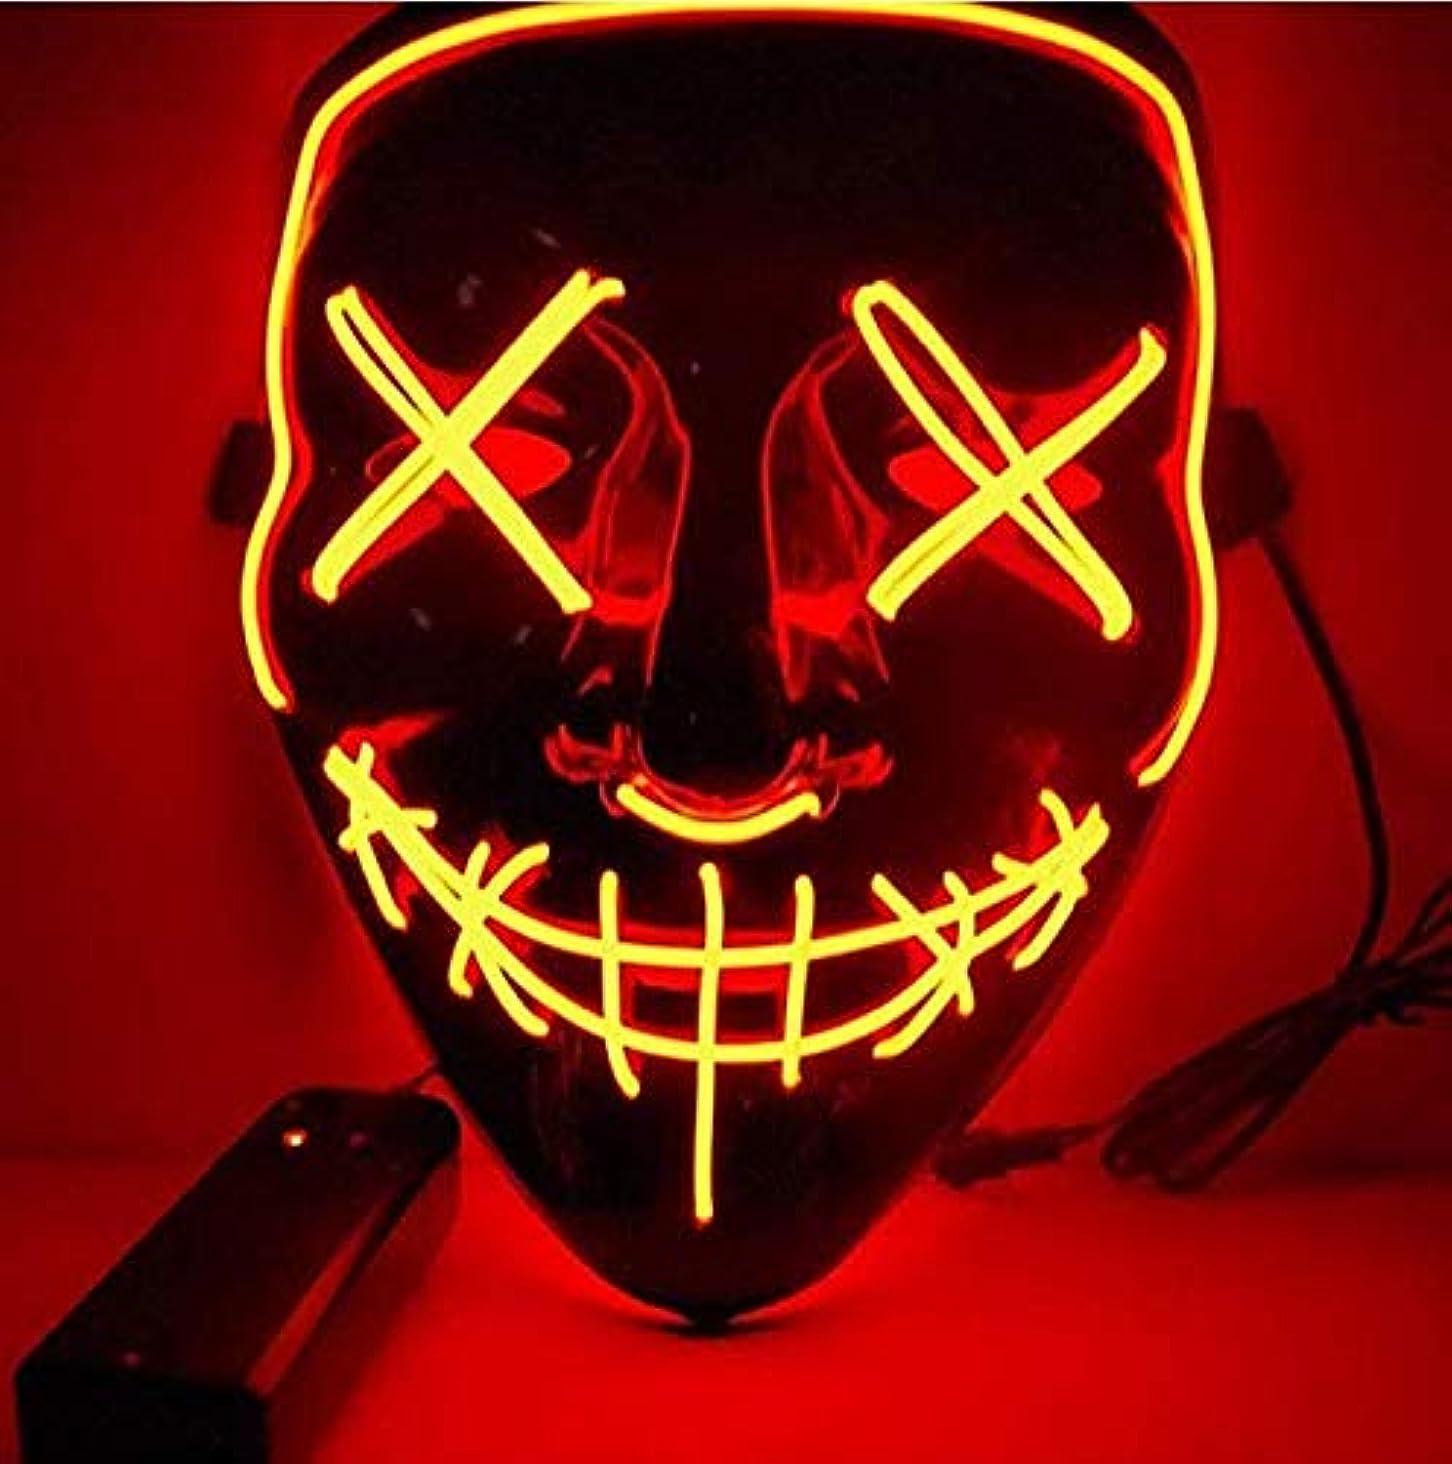 推進力うそつき障害者ハロウィンマスクLEDライトアップパーティーマスクコスプレコスチュームサプライ暗闇で光る (Color : YELLOW)